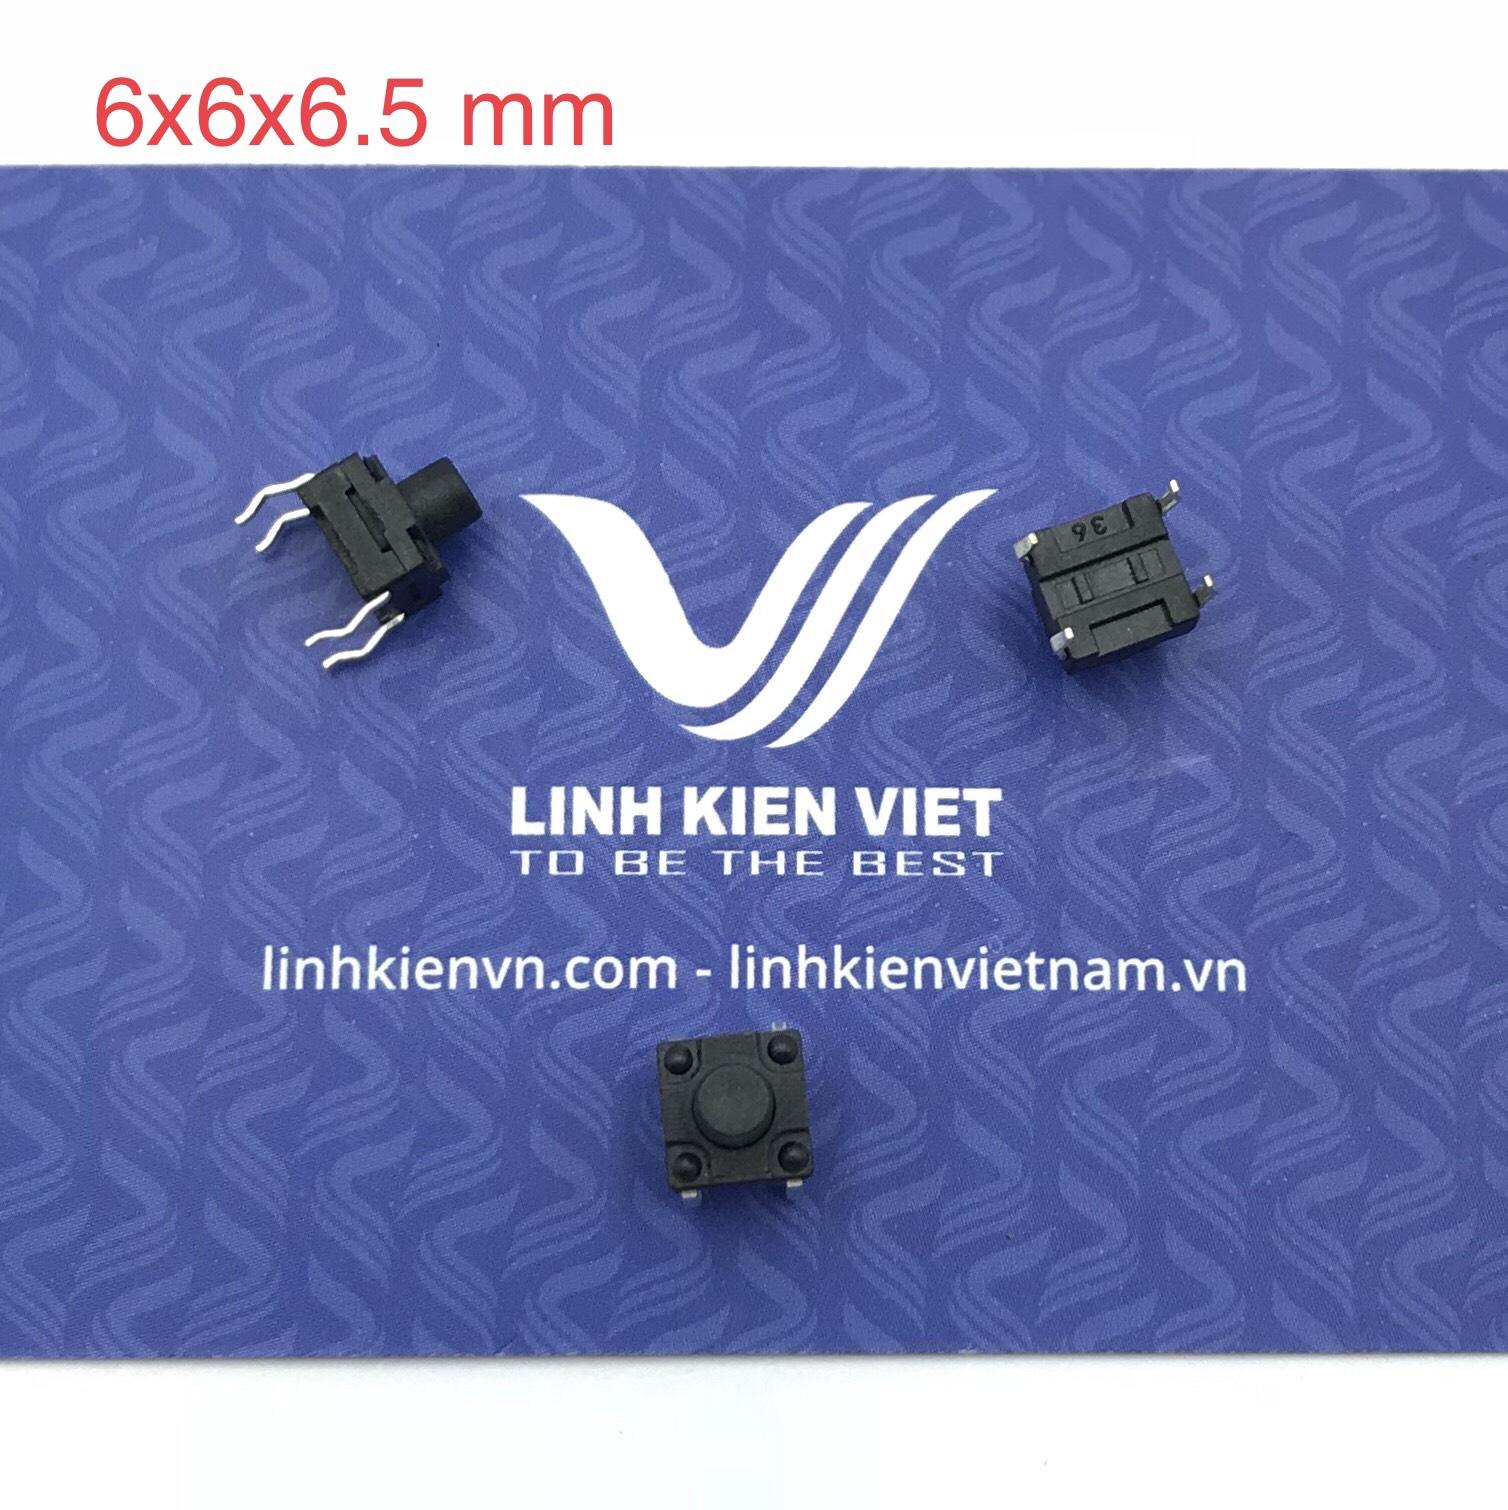 Nút nhấn 4 chân 6x6x6.5 mm cắm loại tốt - J4H23